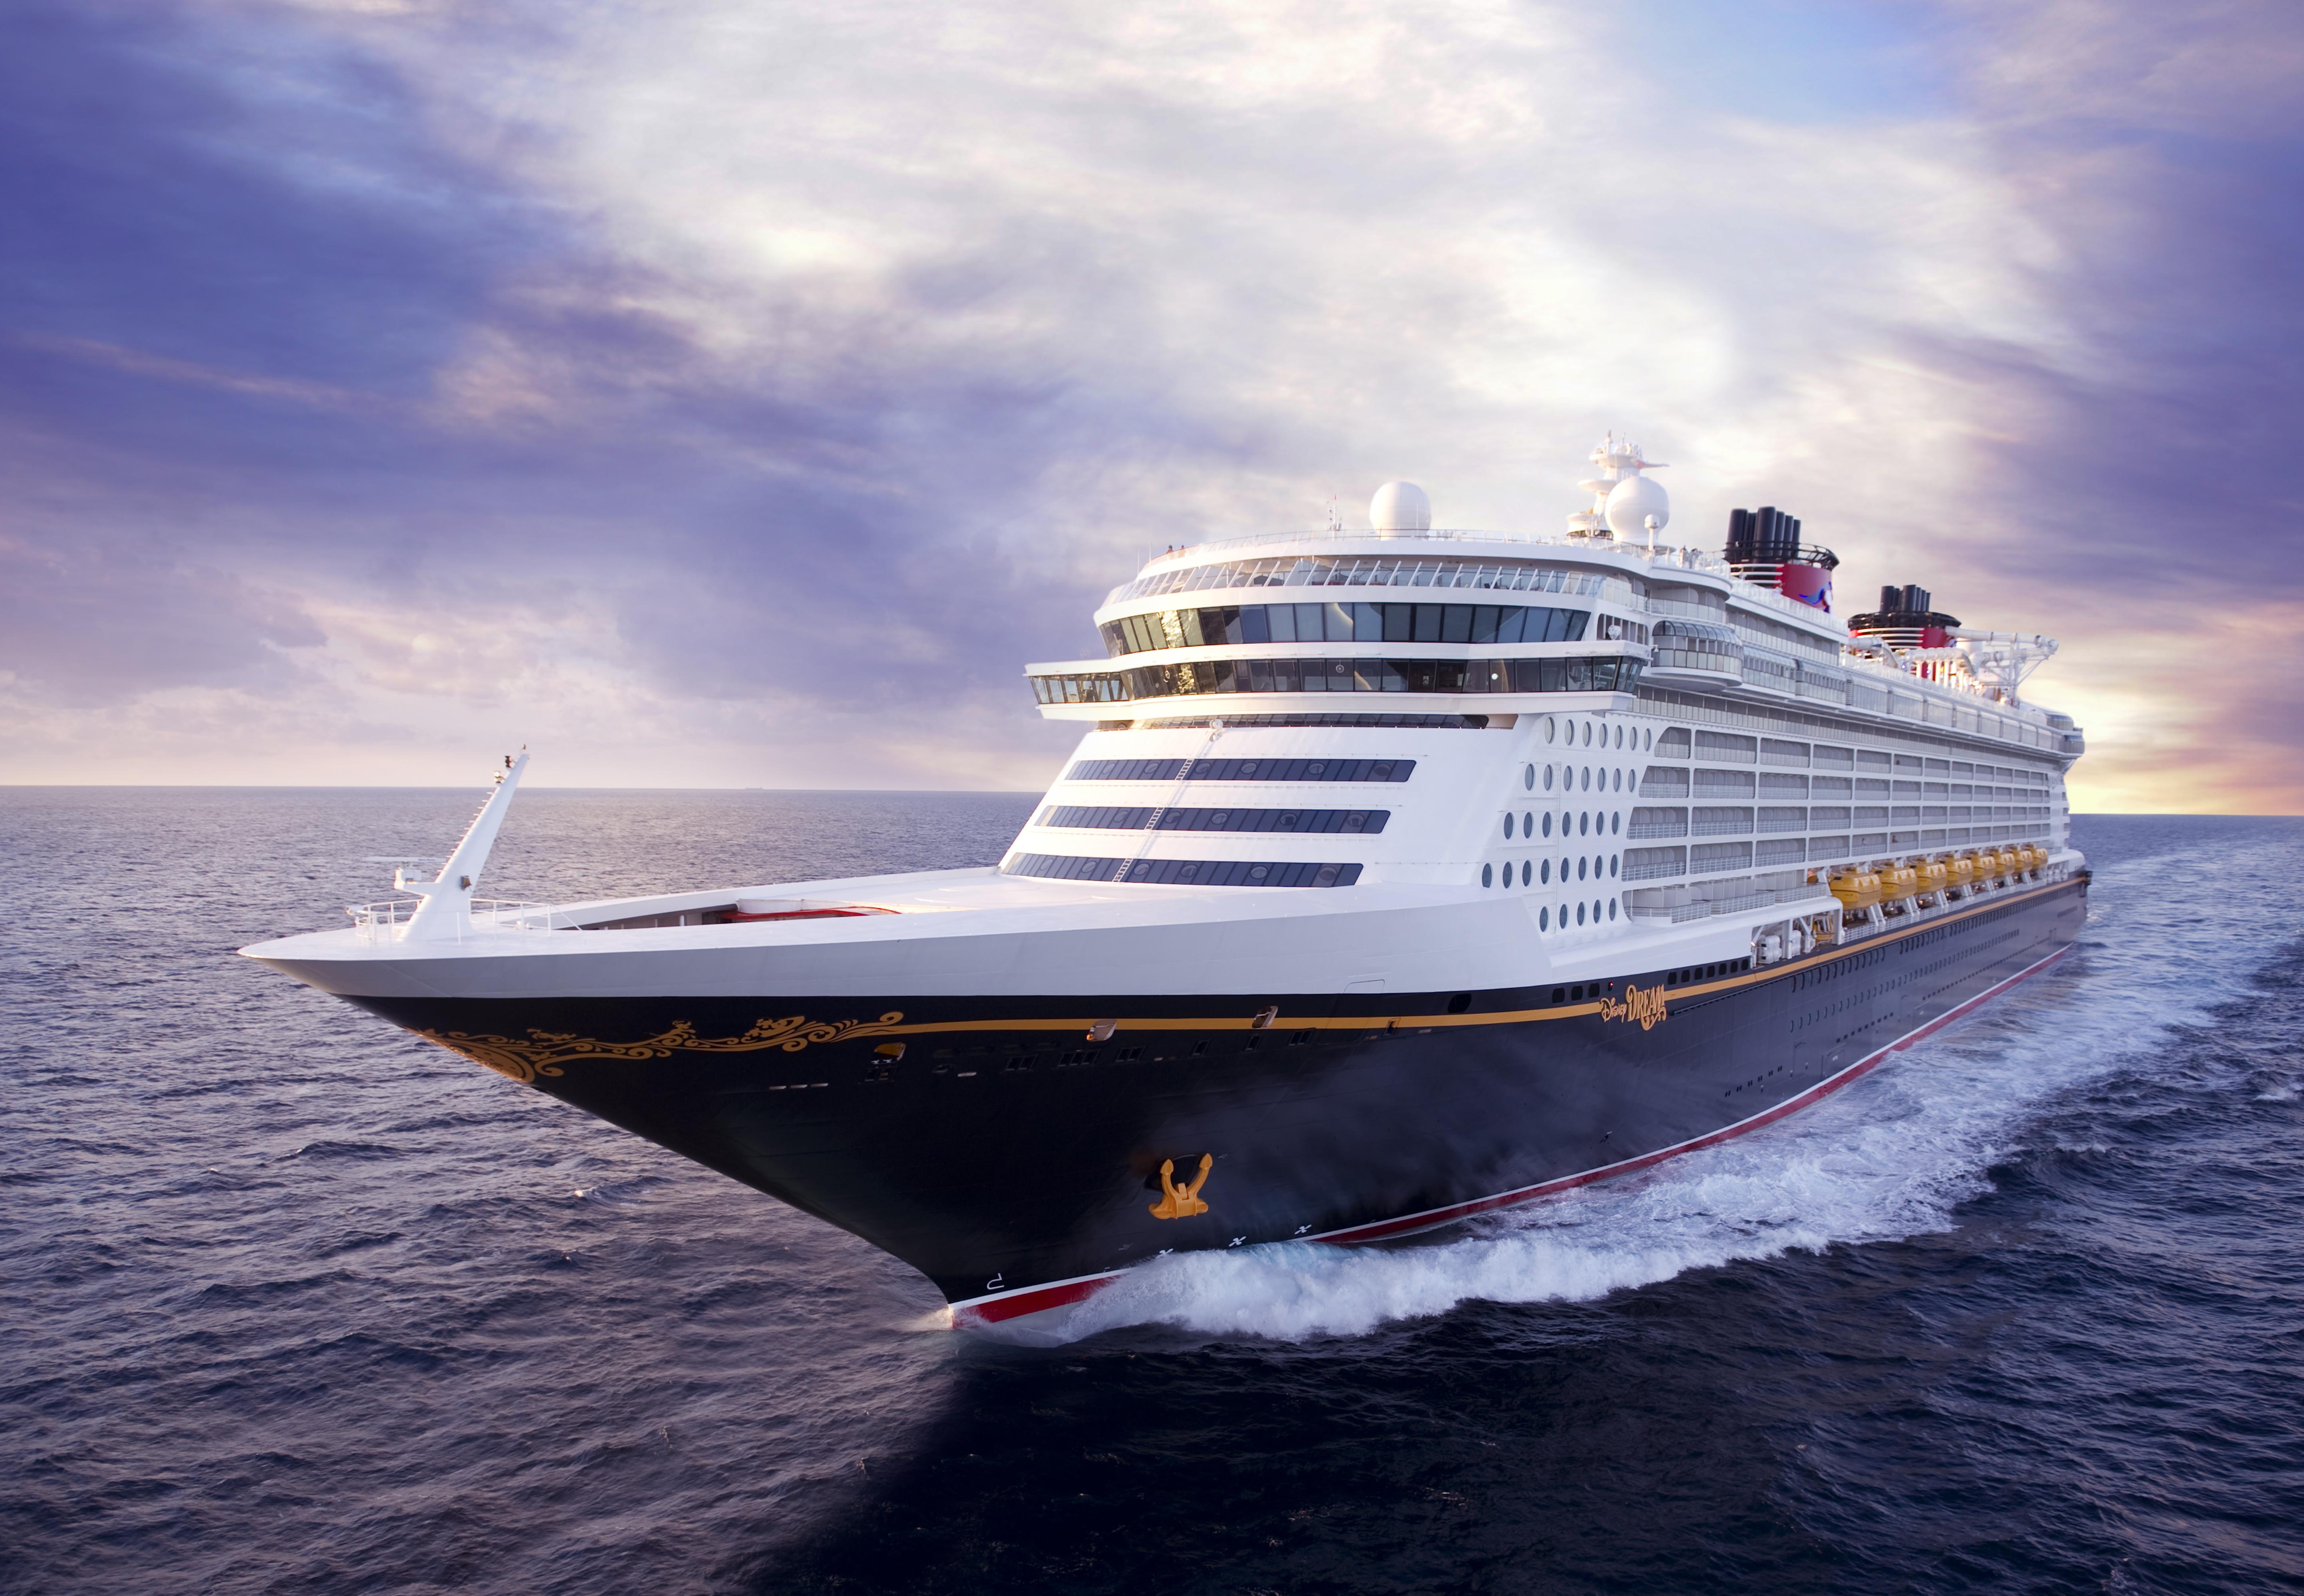 Disney Cruise Line Disney Dream Images